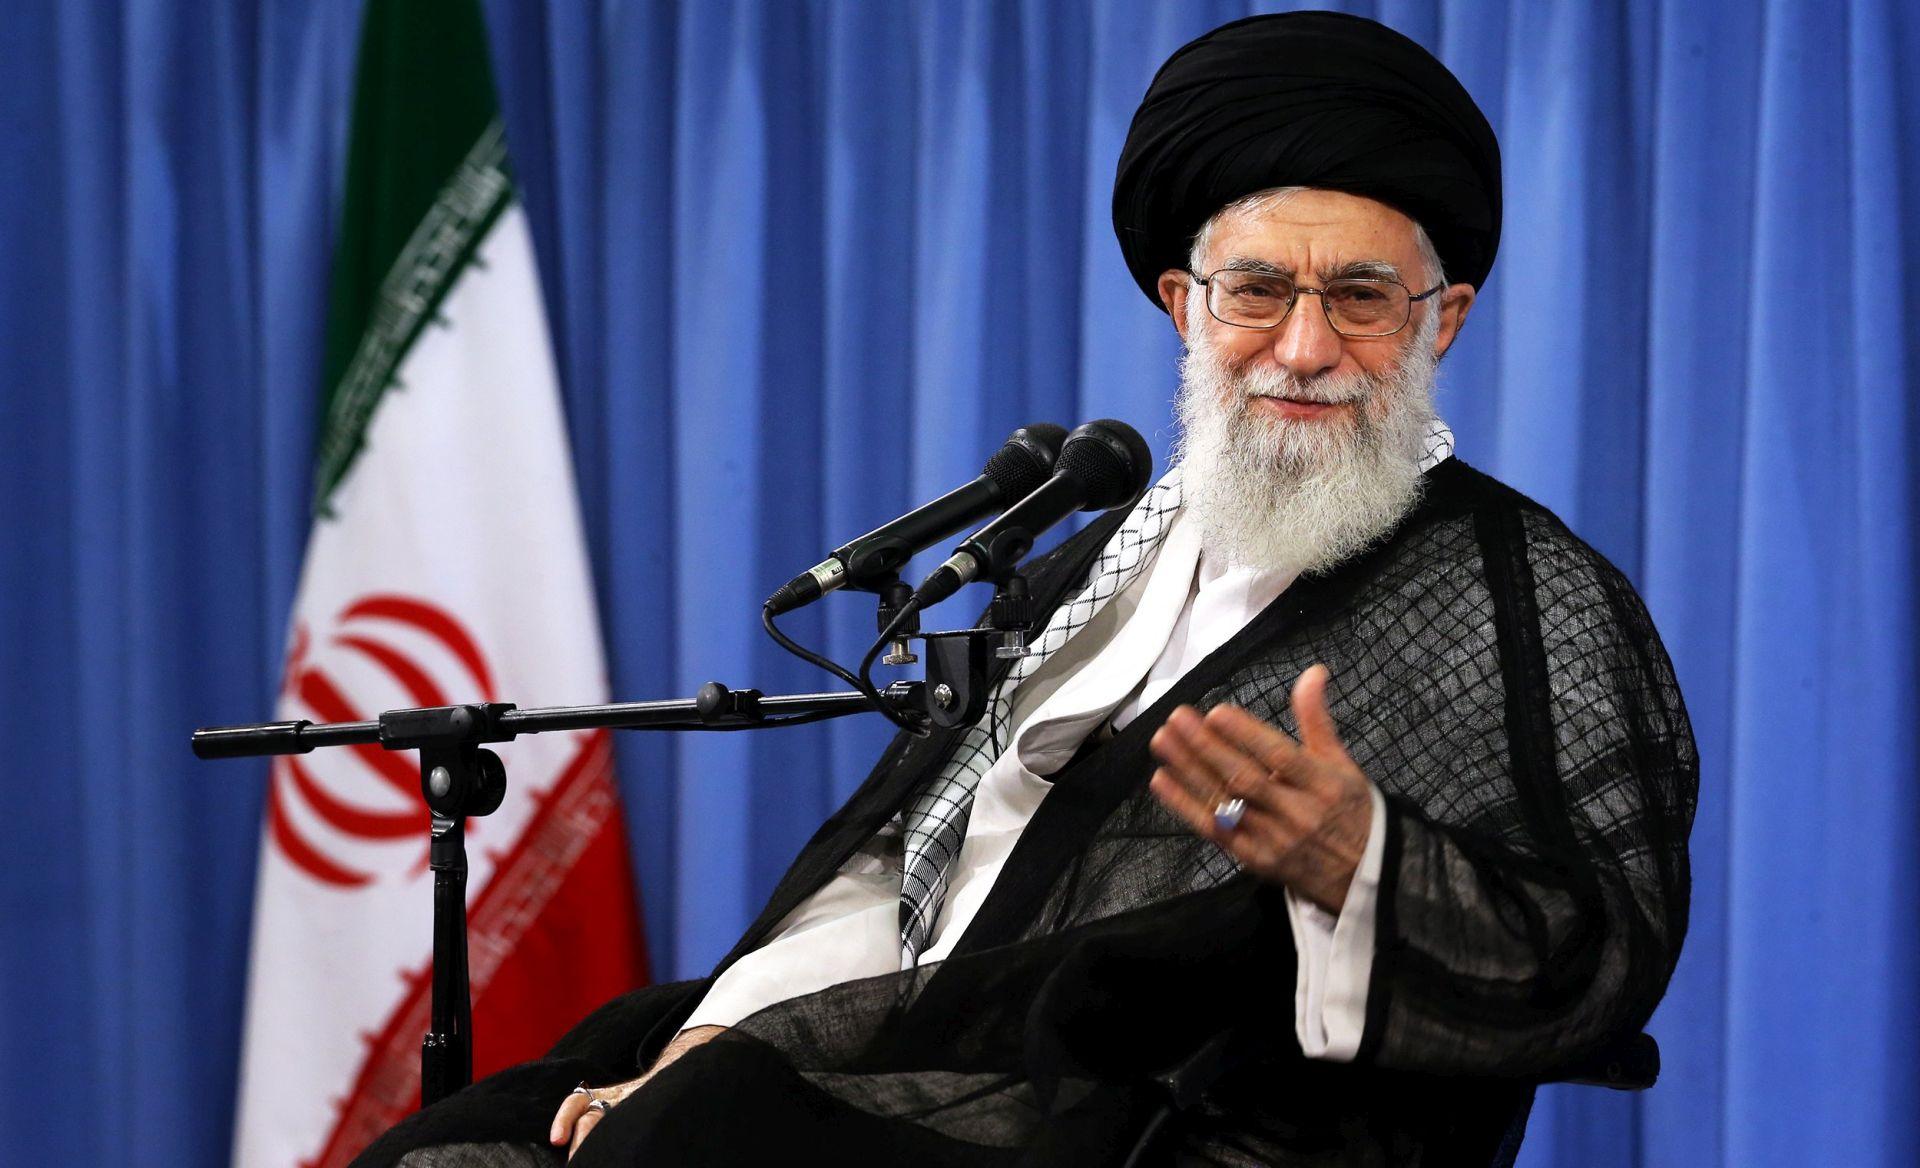 HAMNEI Napadi u Iranu pojačat će mržnju prema SAD-u i Saudijcima